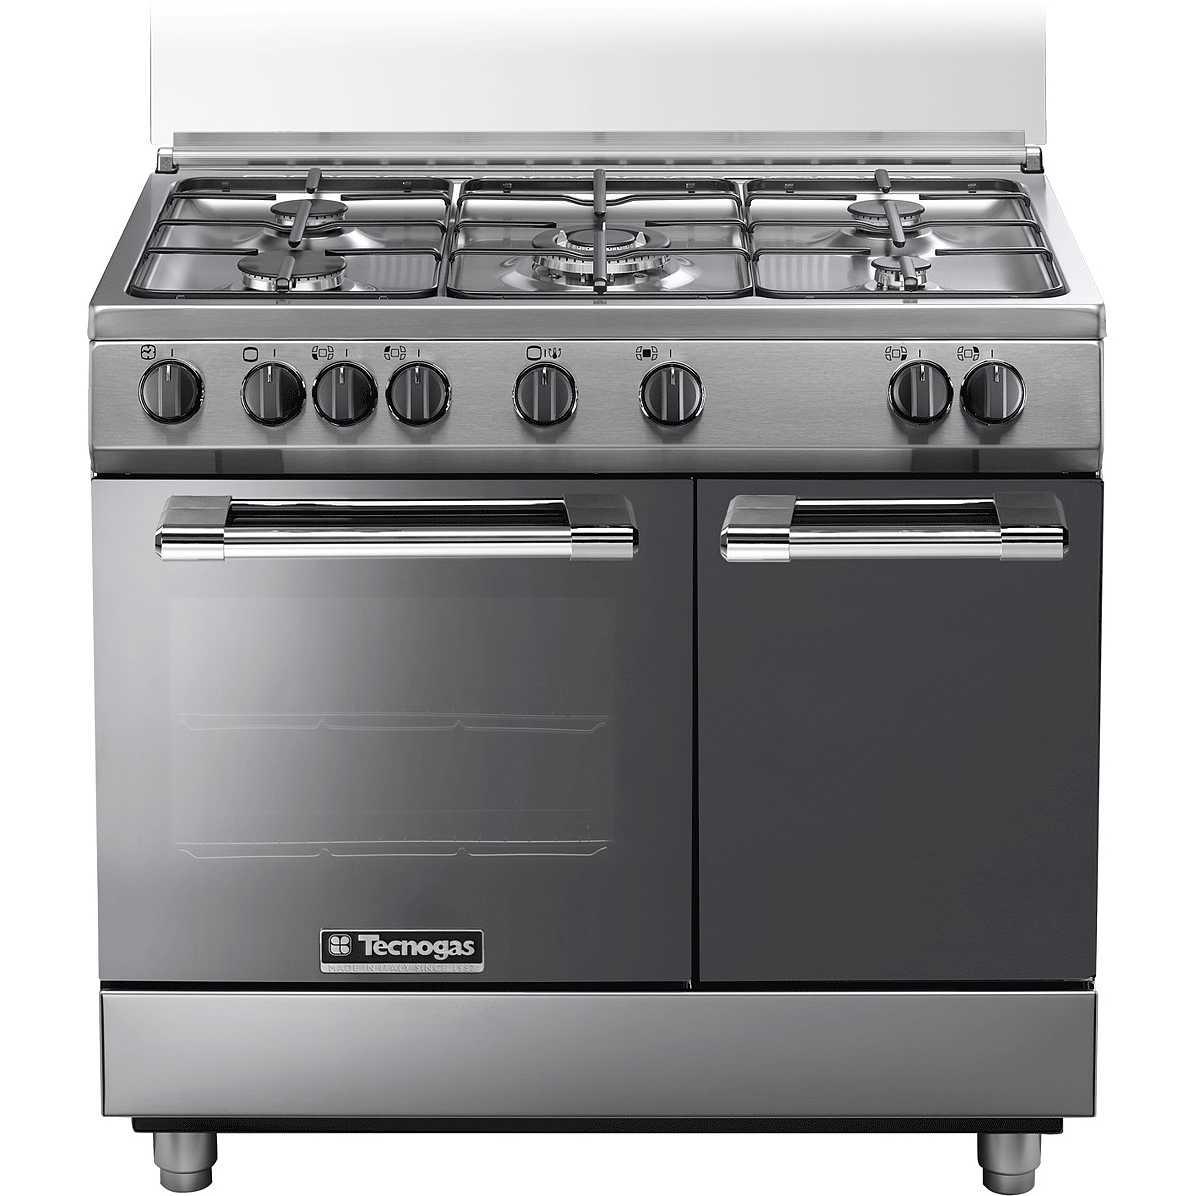 PB965MX Tecnogas cucina 90x60 5 fuochi a gas forno elettrico ...